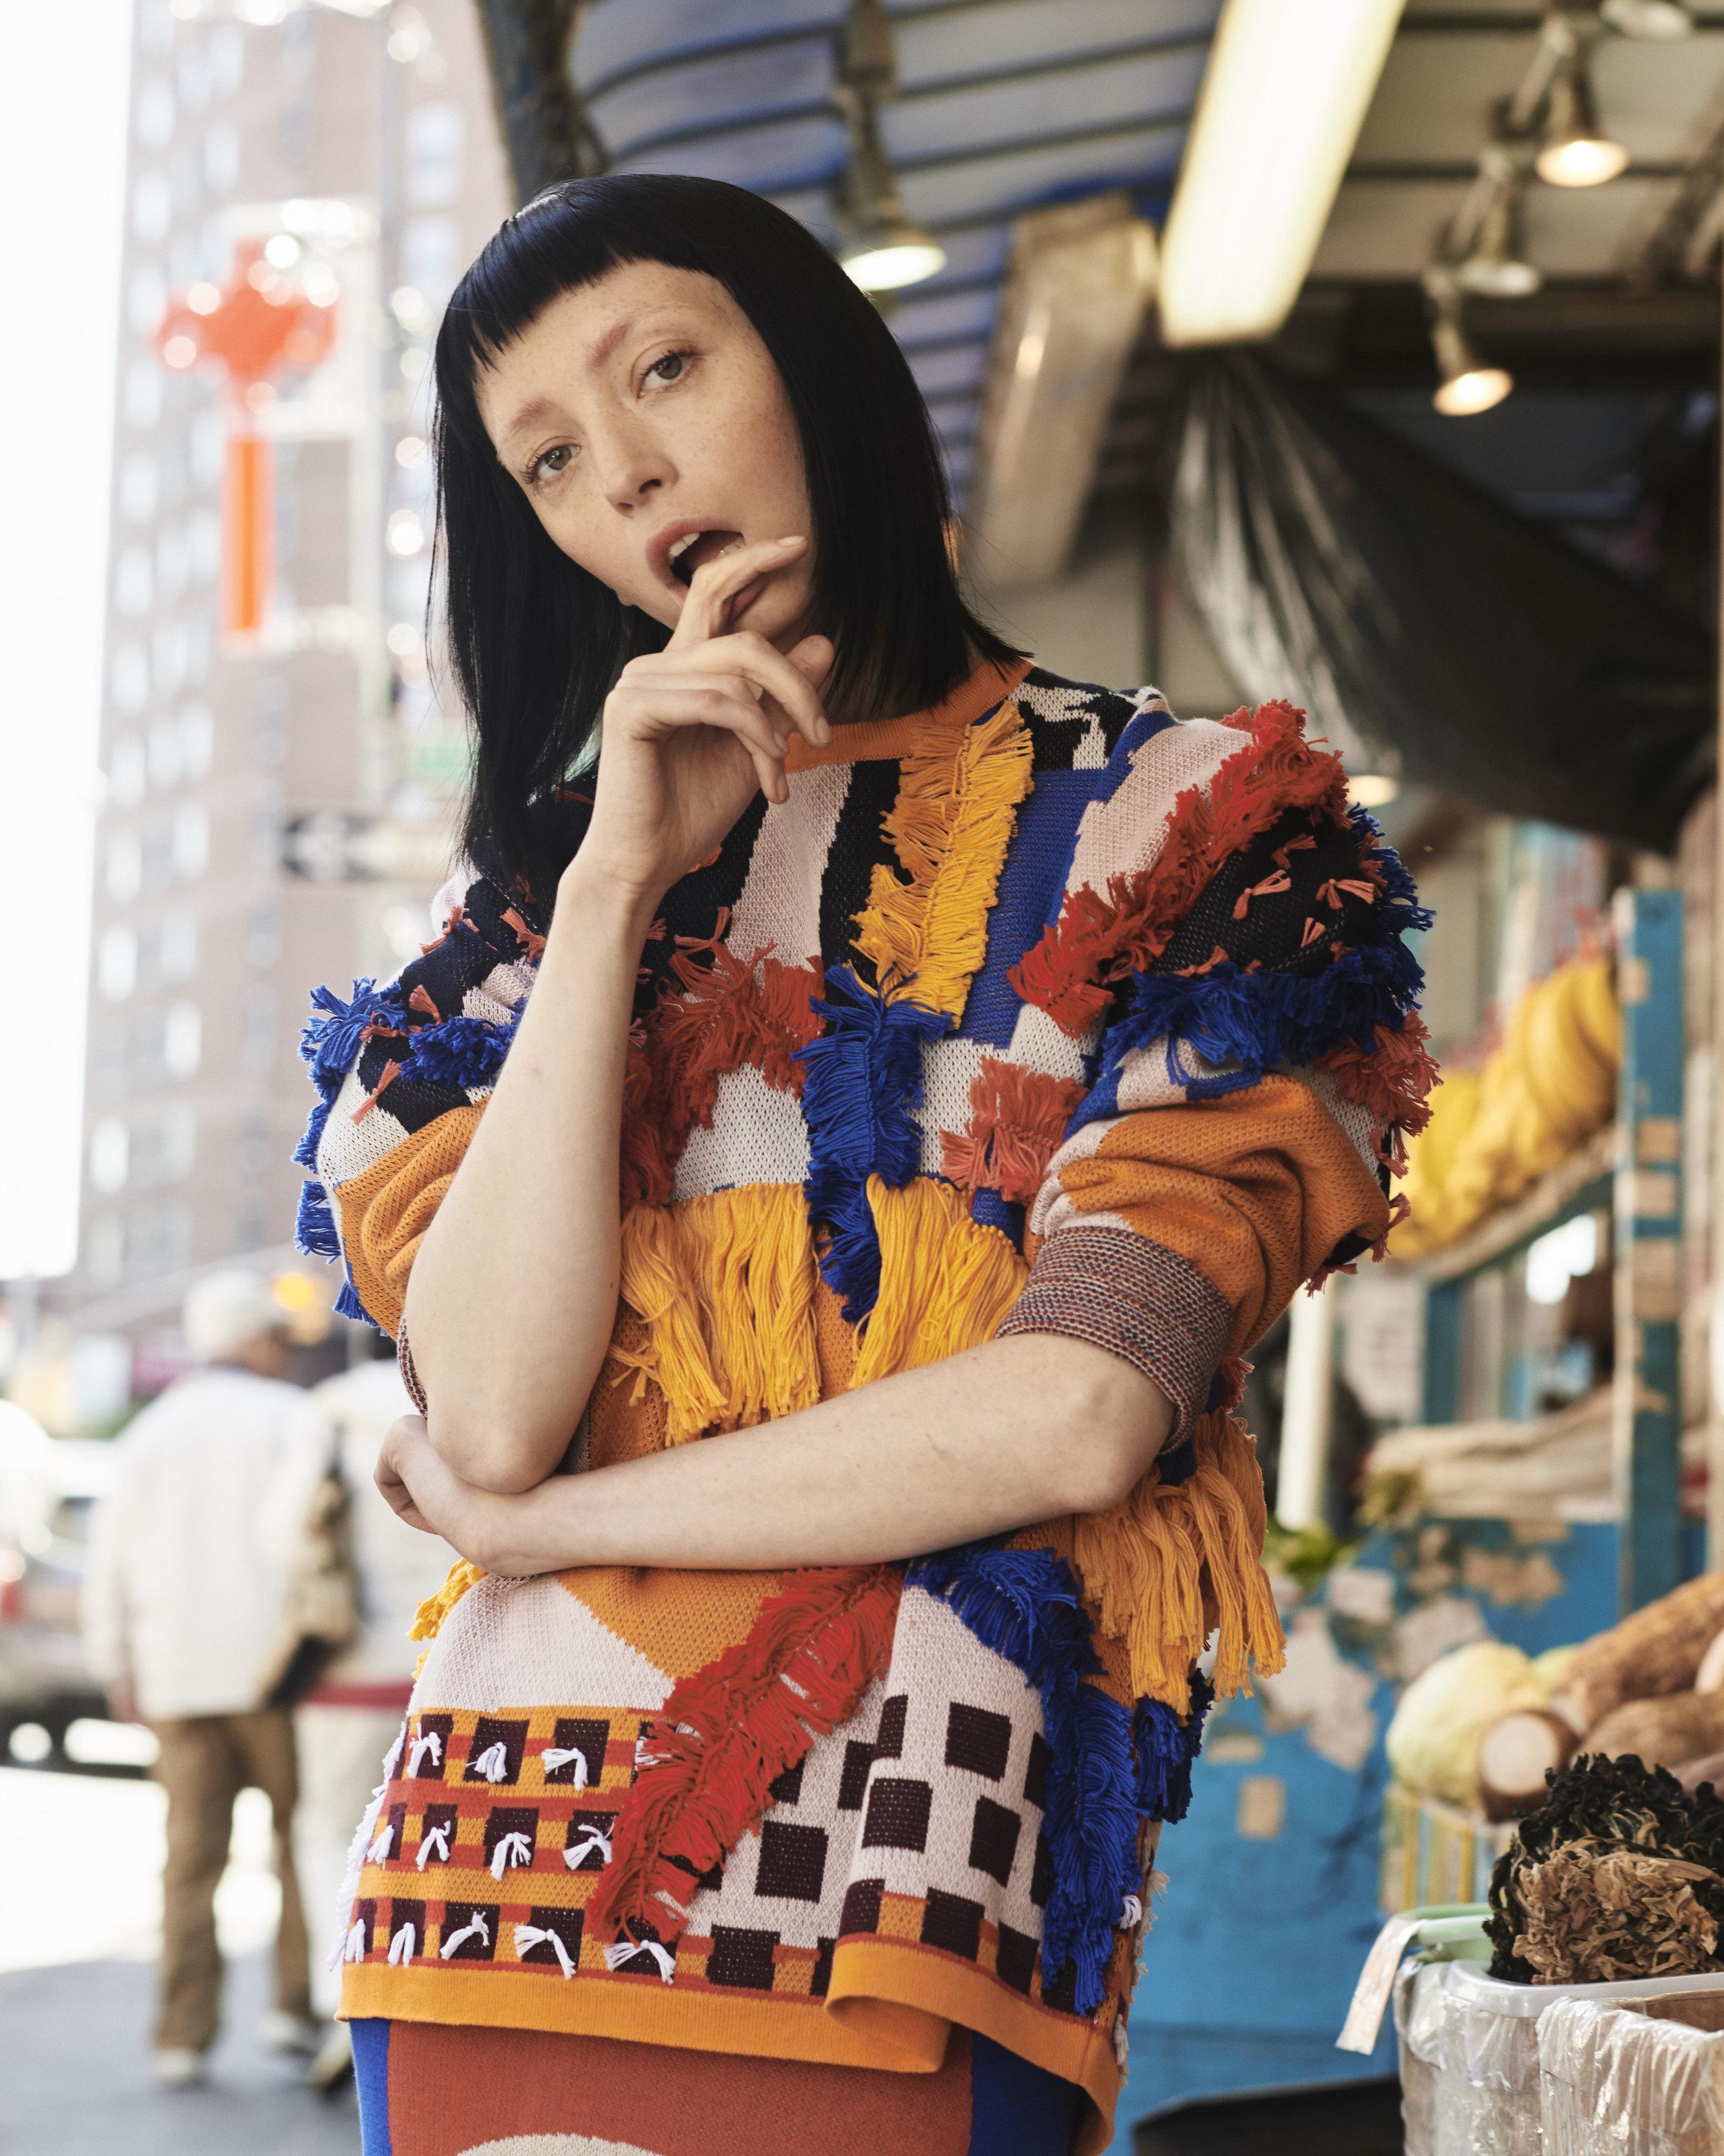 Henrik_Chinatown4714.jpg